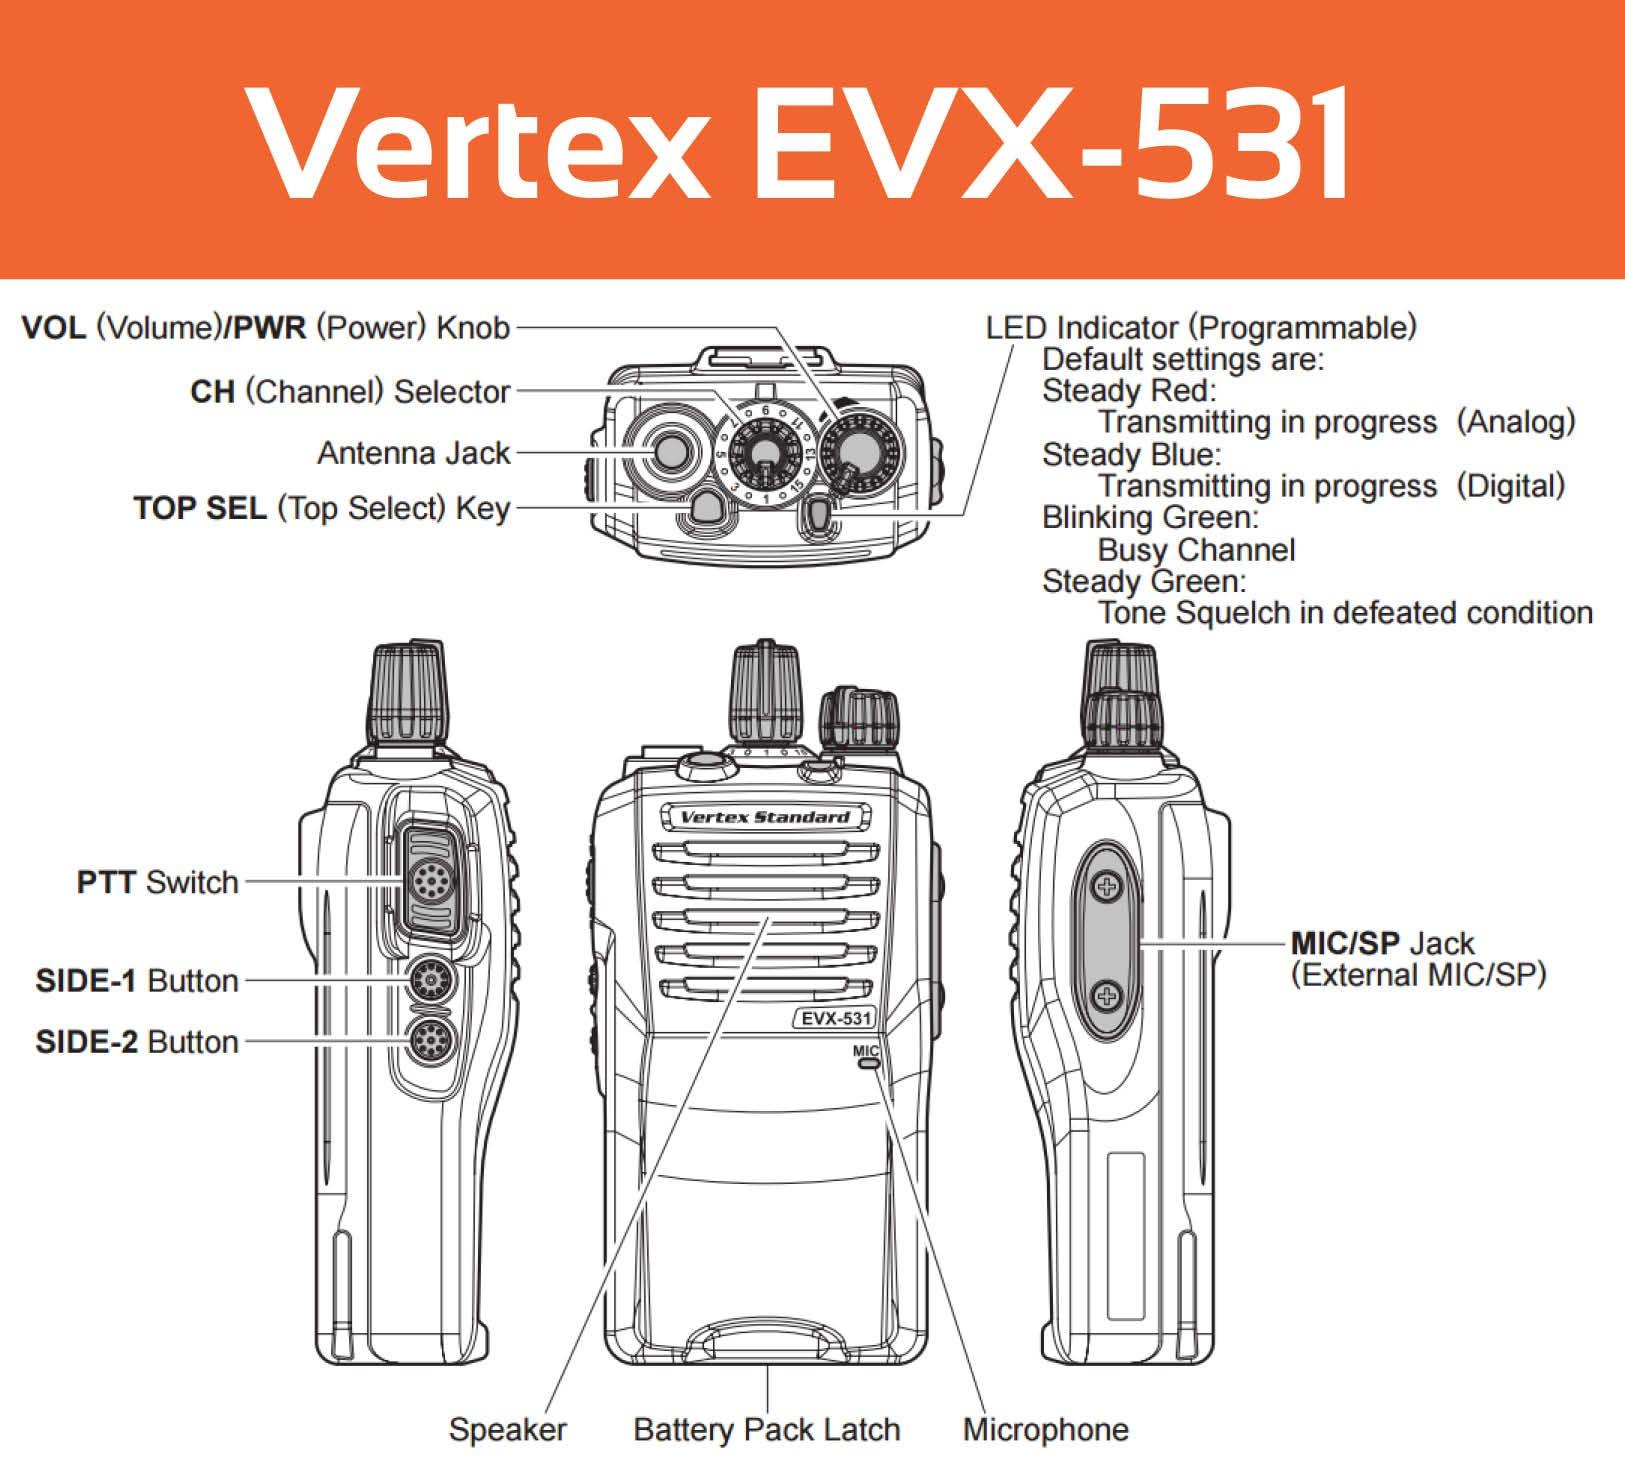 Vertex EVX-531 User Guide Controls